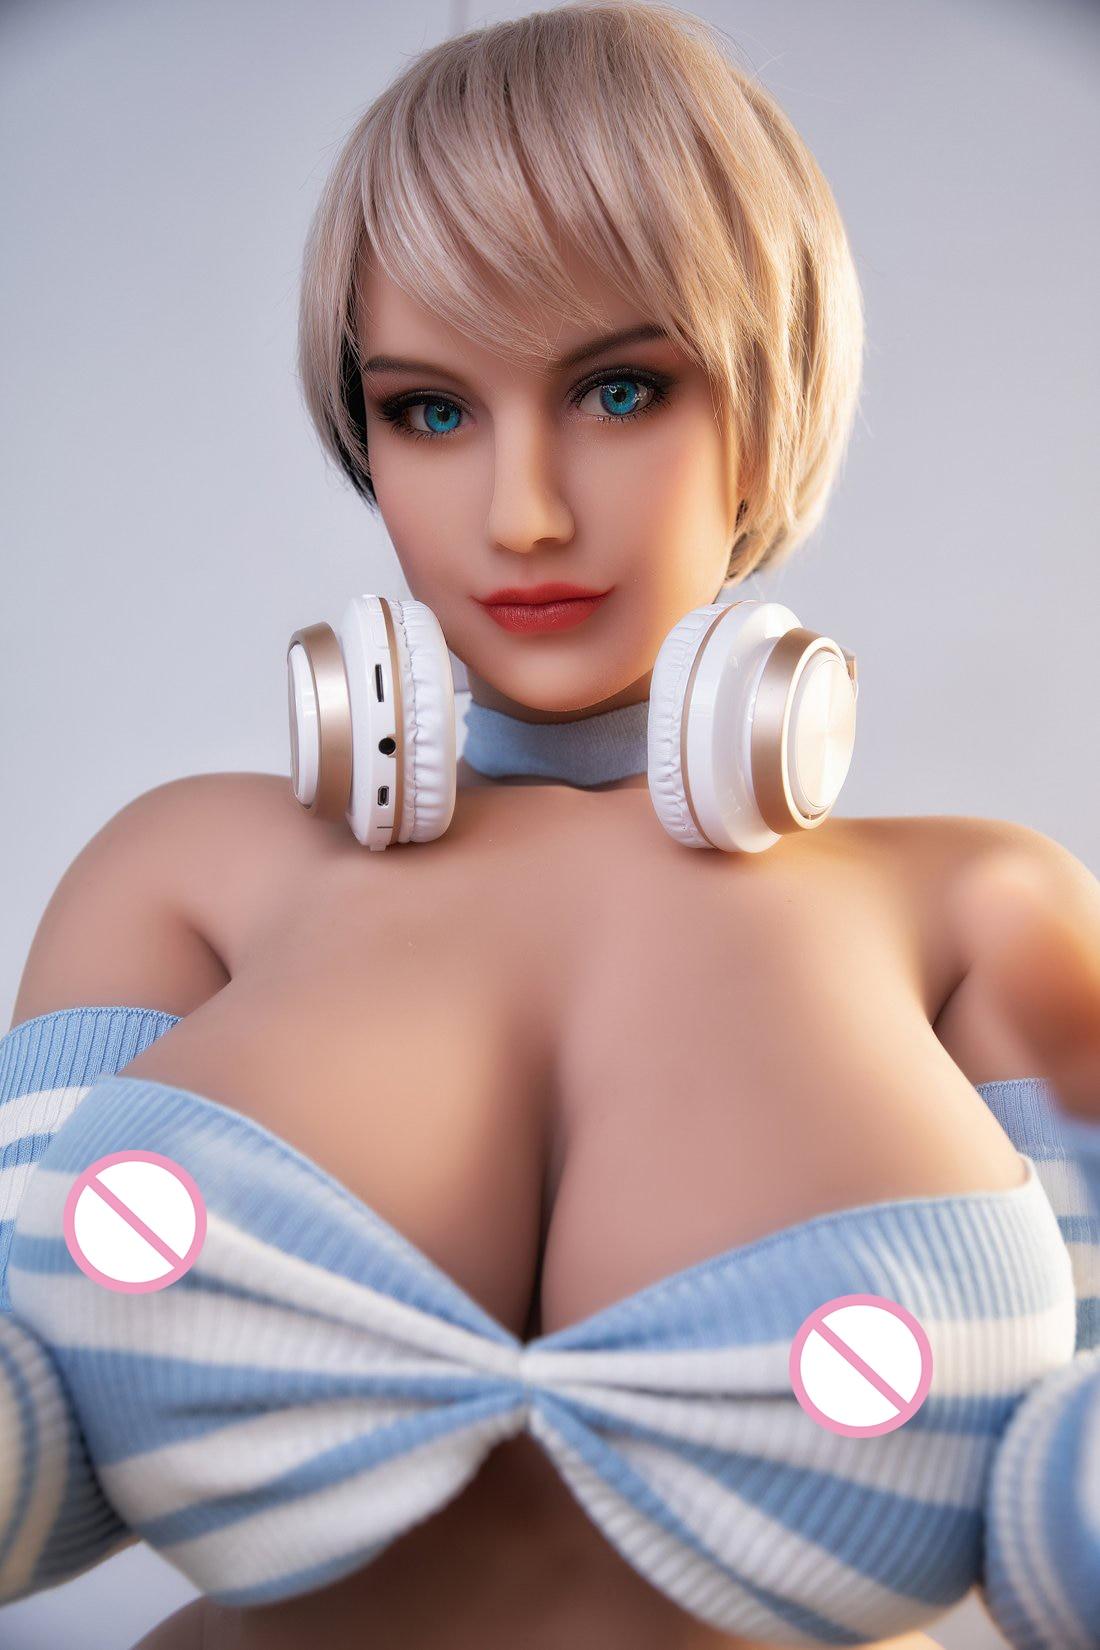 Hd5fc054d94a84845a36226b96f768e60g Lomny-muñecas sexuales realistas para hombres, maniquí de amor Real, de 165CM, con gel de sílice, para adulto, vaginal, Oral y Anal, con pecho Sexy, masturbador